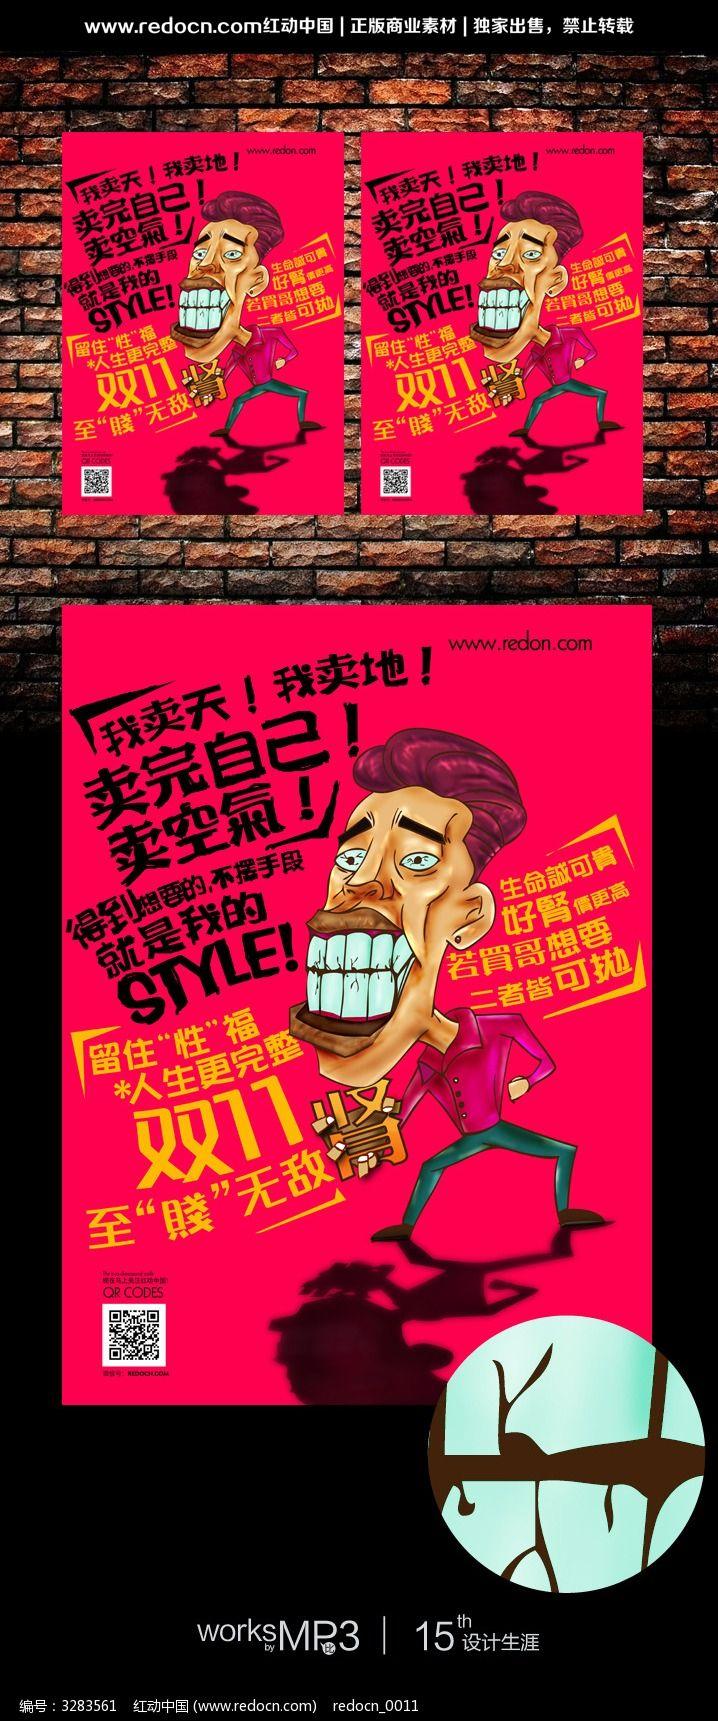 标签: 双11 双十一 促销海报 活动海报 购物狂欢节 手绘 卡通 创意海报